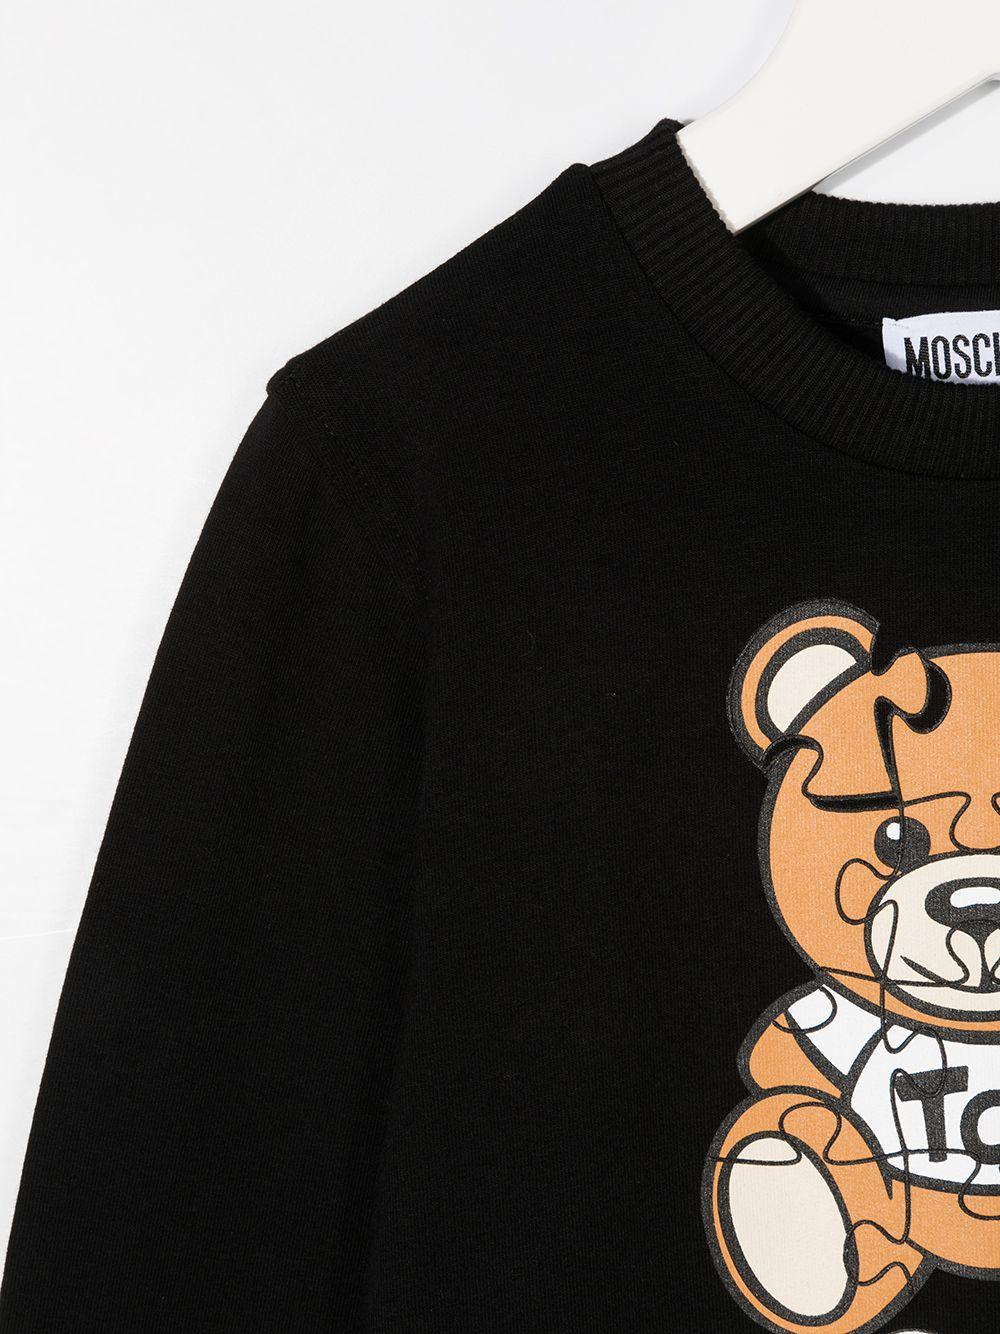 MOSCHINO KIDS   Sweatshirt   HQF039LDA1460100